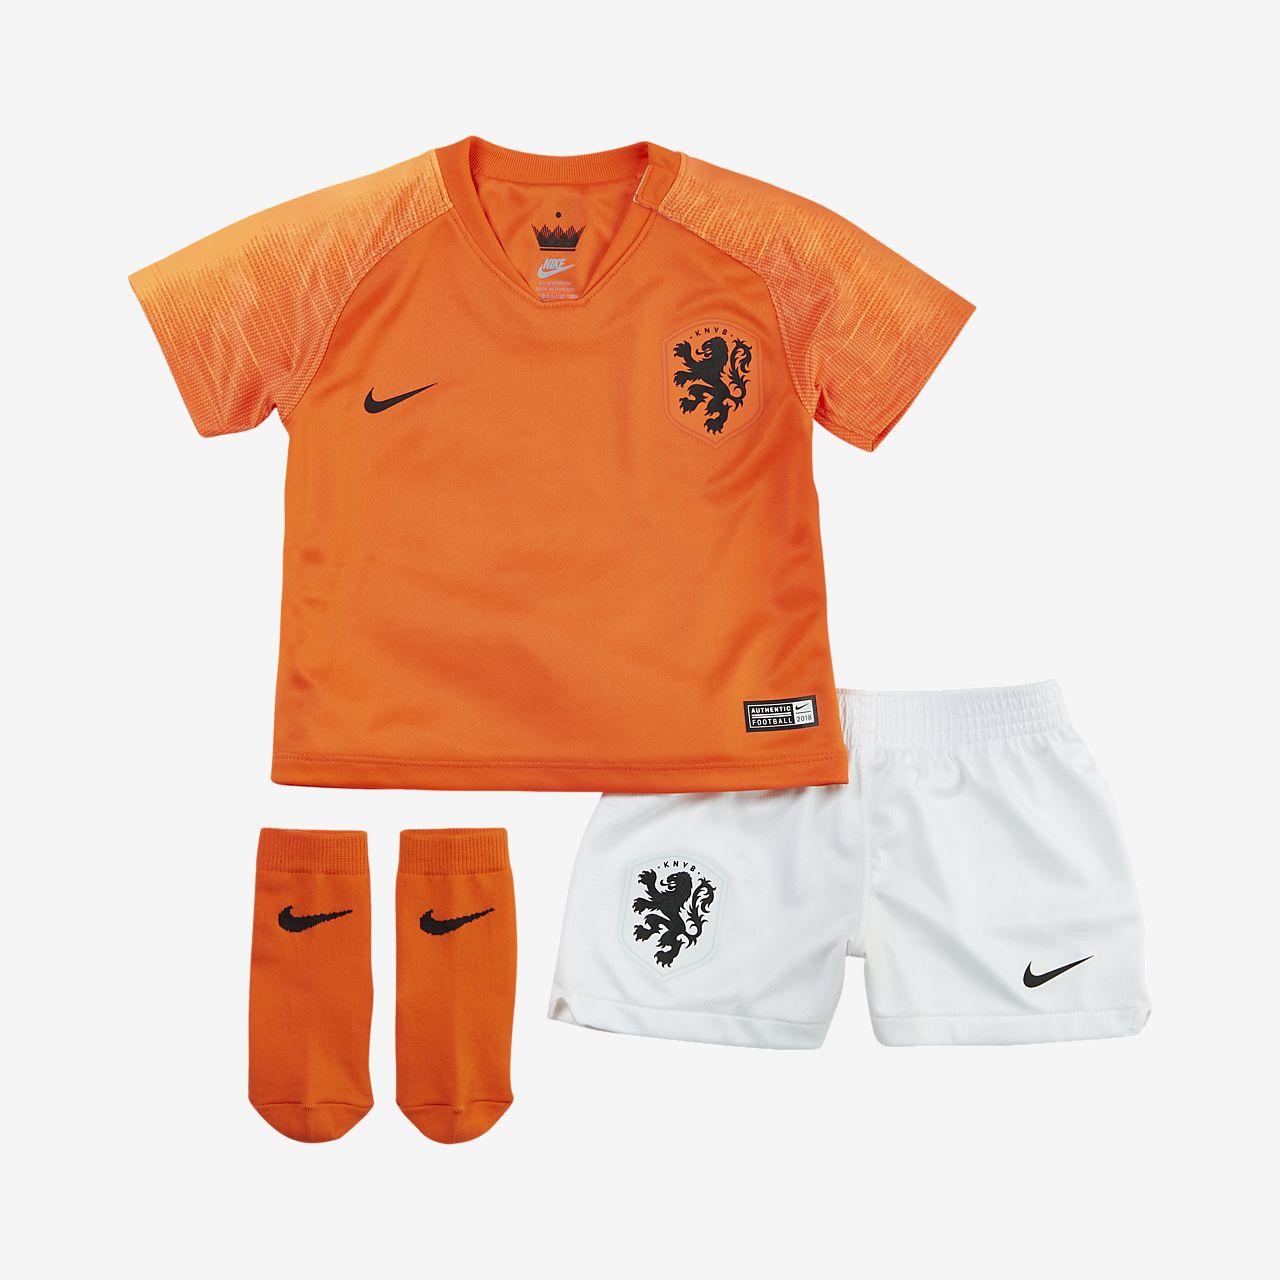 2018 Netherlands Stadium Home - fodboldsæt til babyer/småbørn